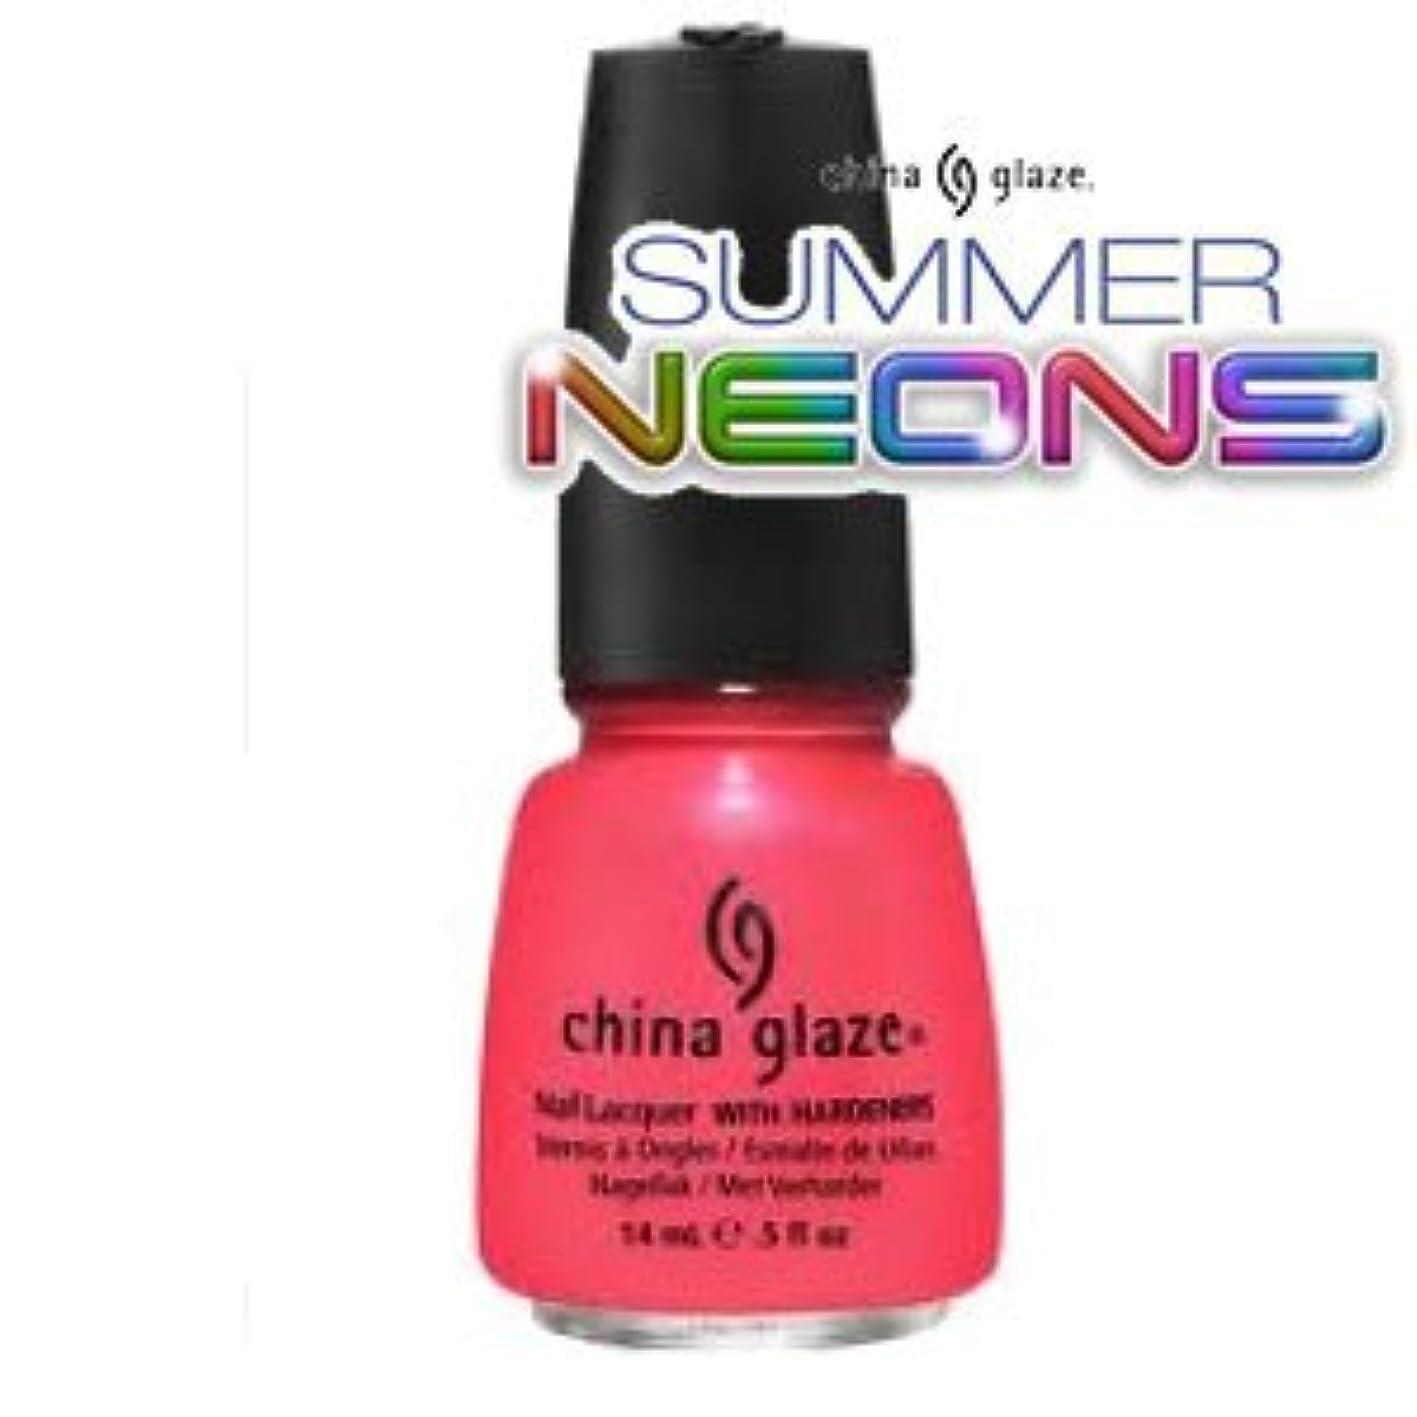 奨励します壁多年生(チャイナグレイズ)China Glaze Flirty Tankiniーサマーネオン コレクション [海外直送品][並行輸入品]